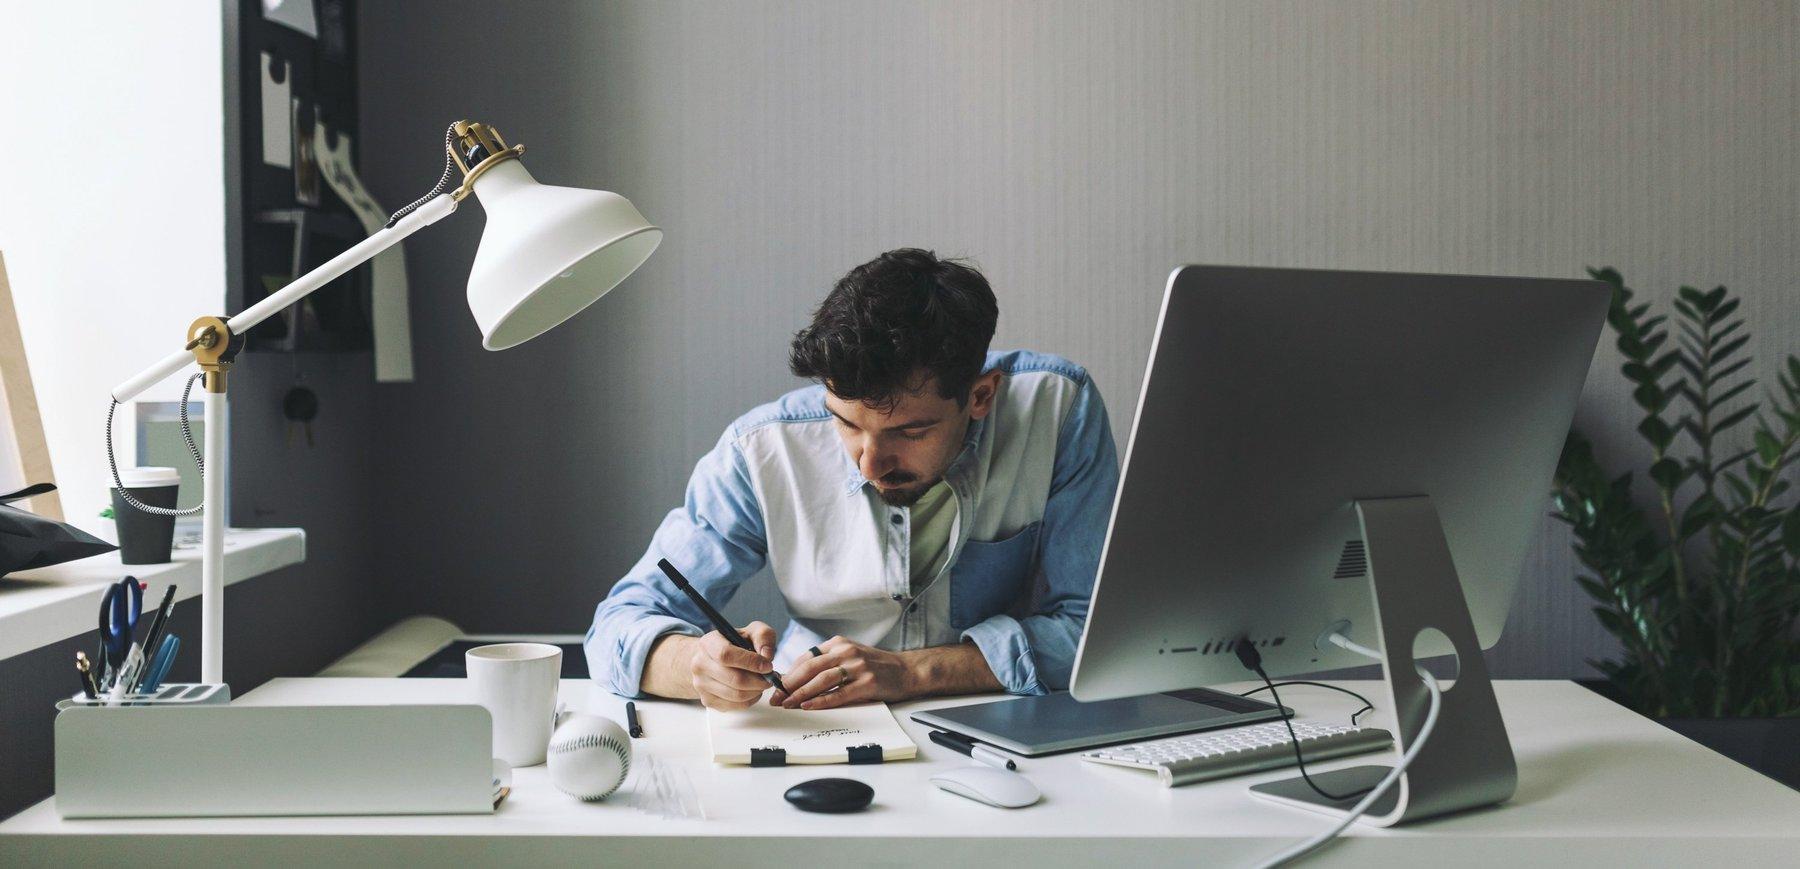 Digital Marketing Best Practices mit G Suite